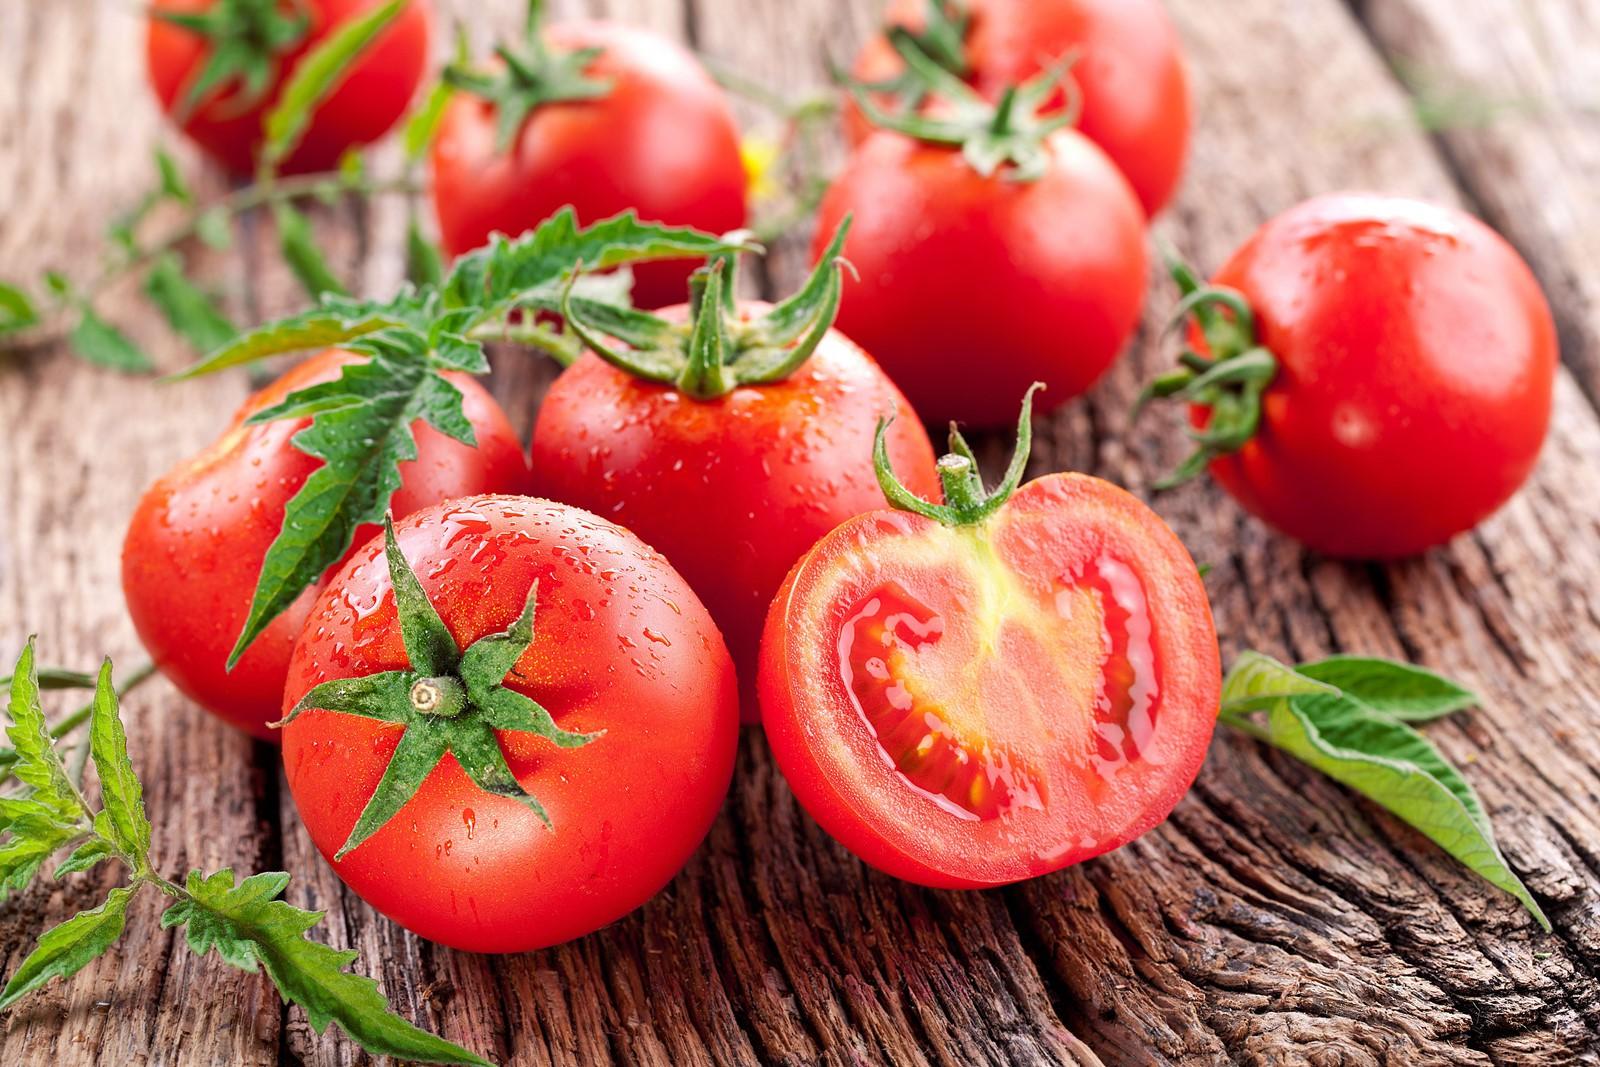 6 loại rau củ mang lại hiệu quả năng suất nhất để trồng trong khu vườn nhỏ của bạn - Ảnh 2.